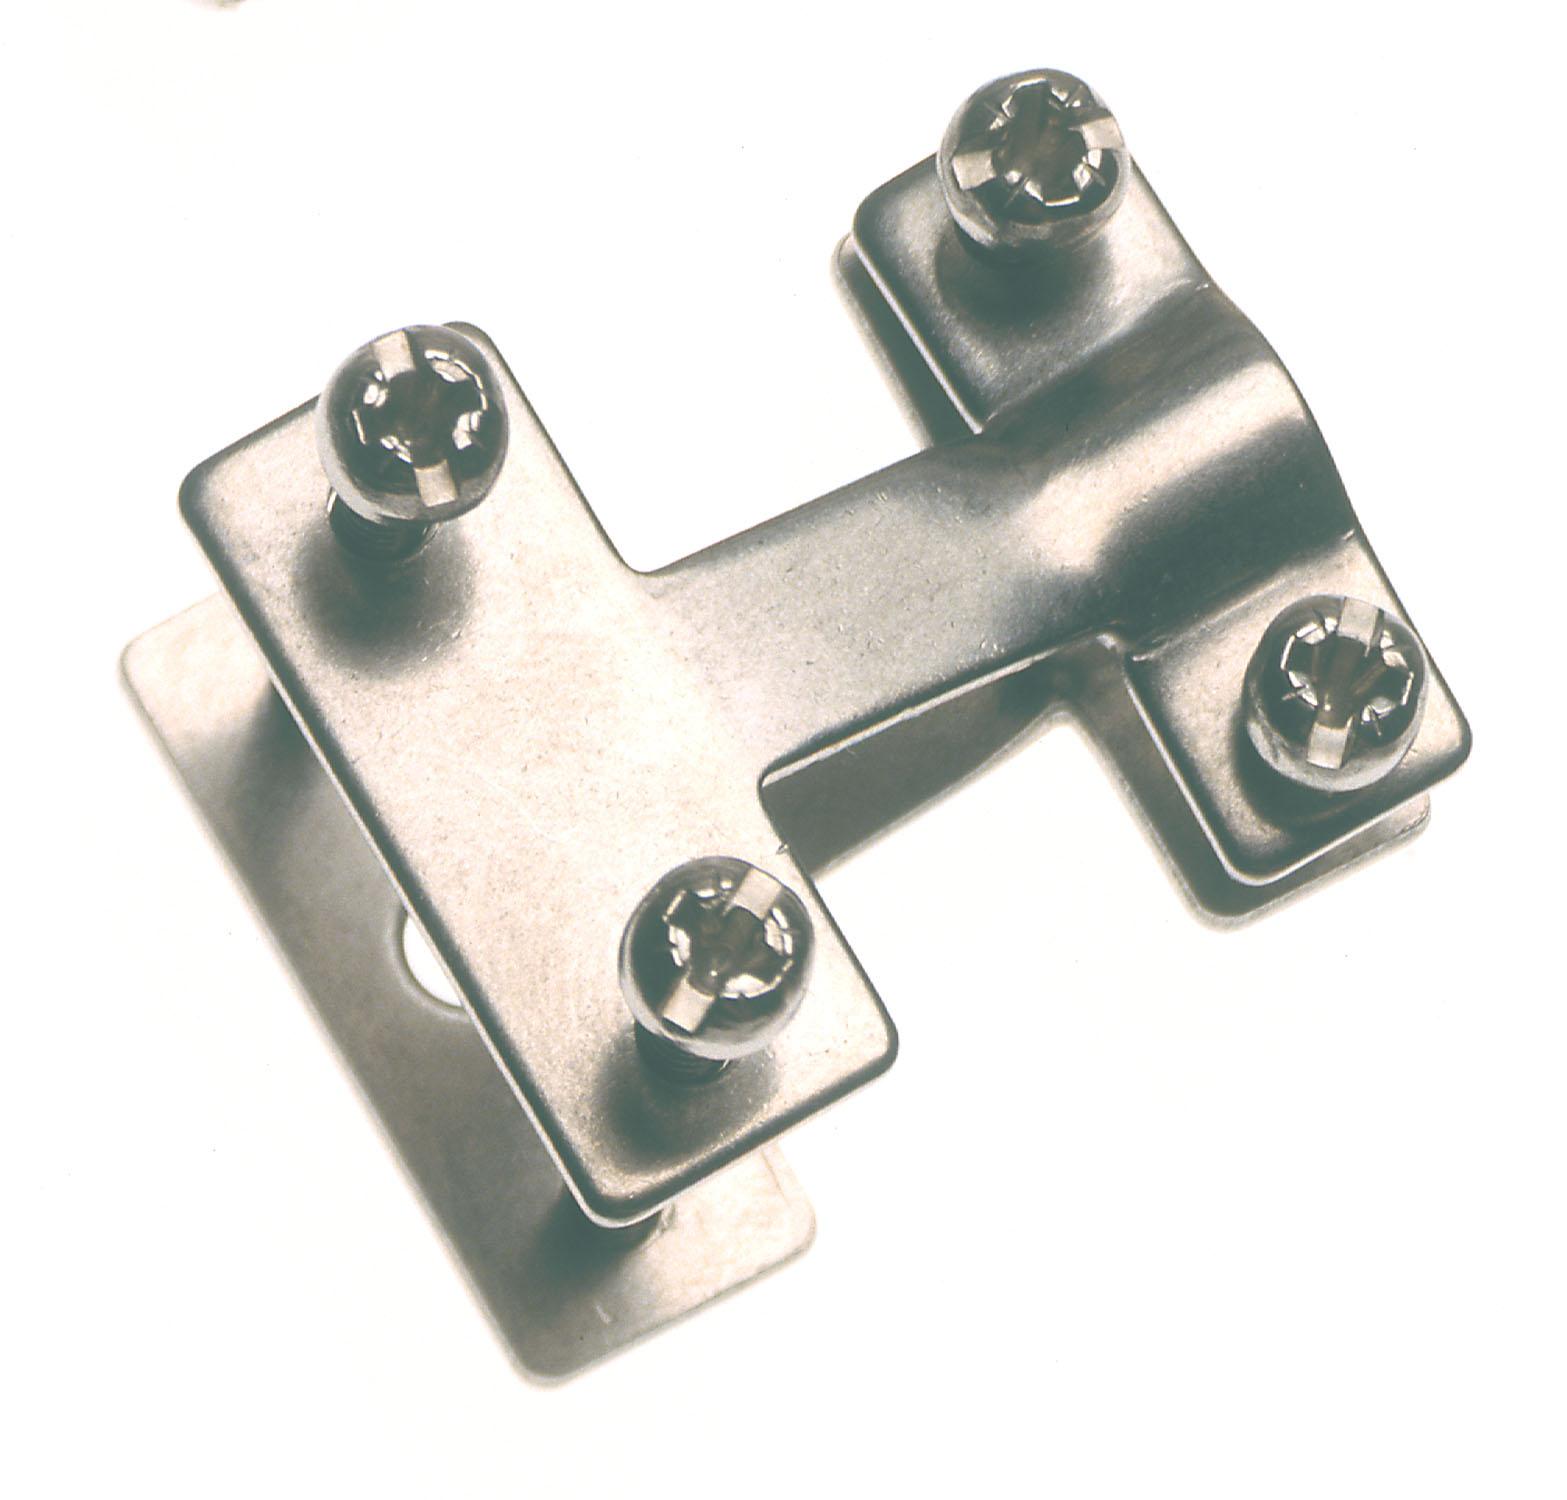 Accesorios de conector termopar